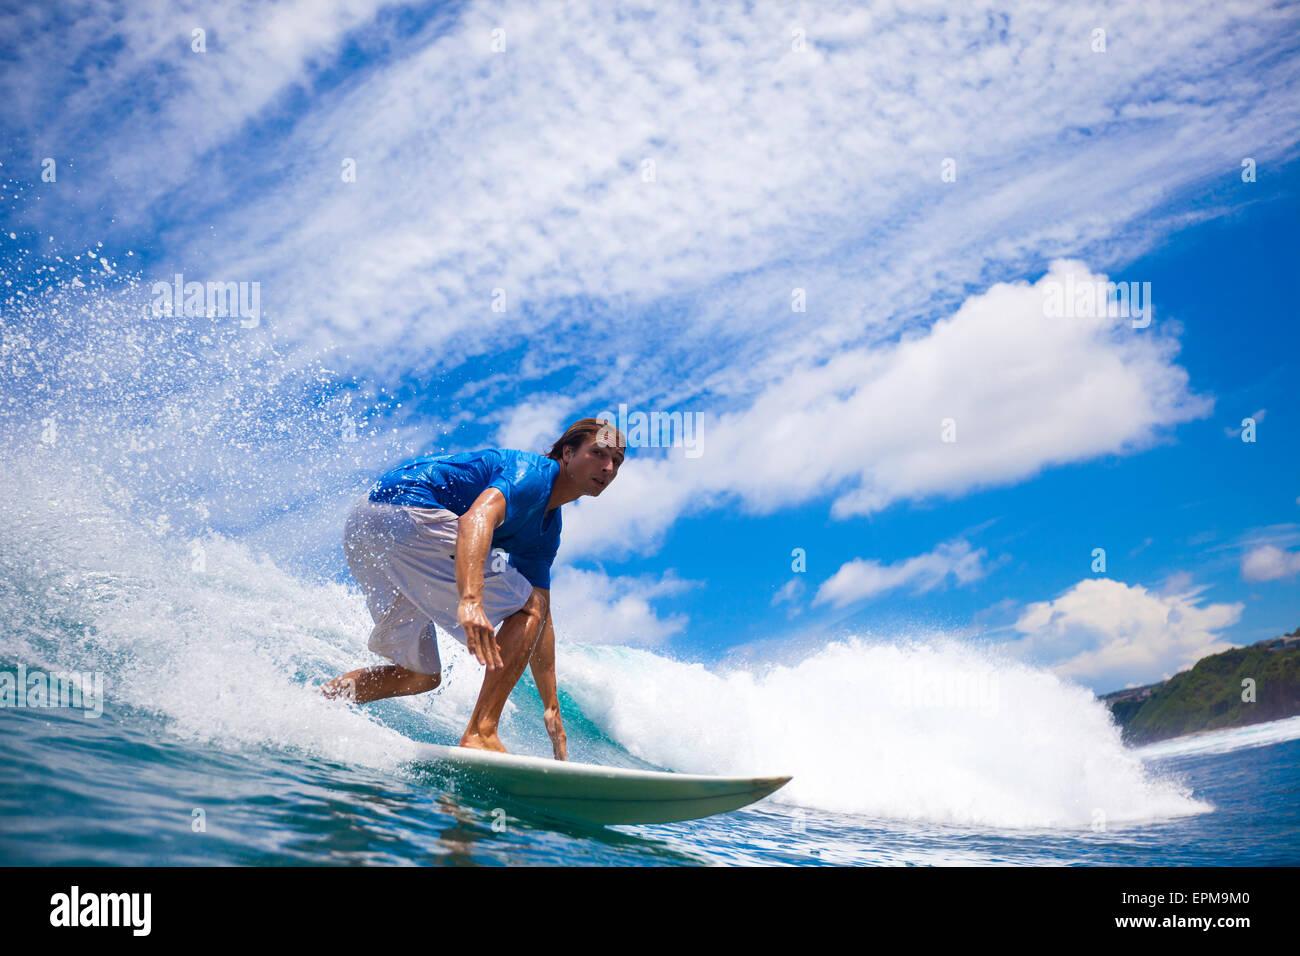 Indonesien, Bali, Surfen Mann Stockbild